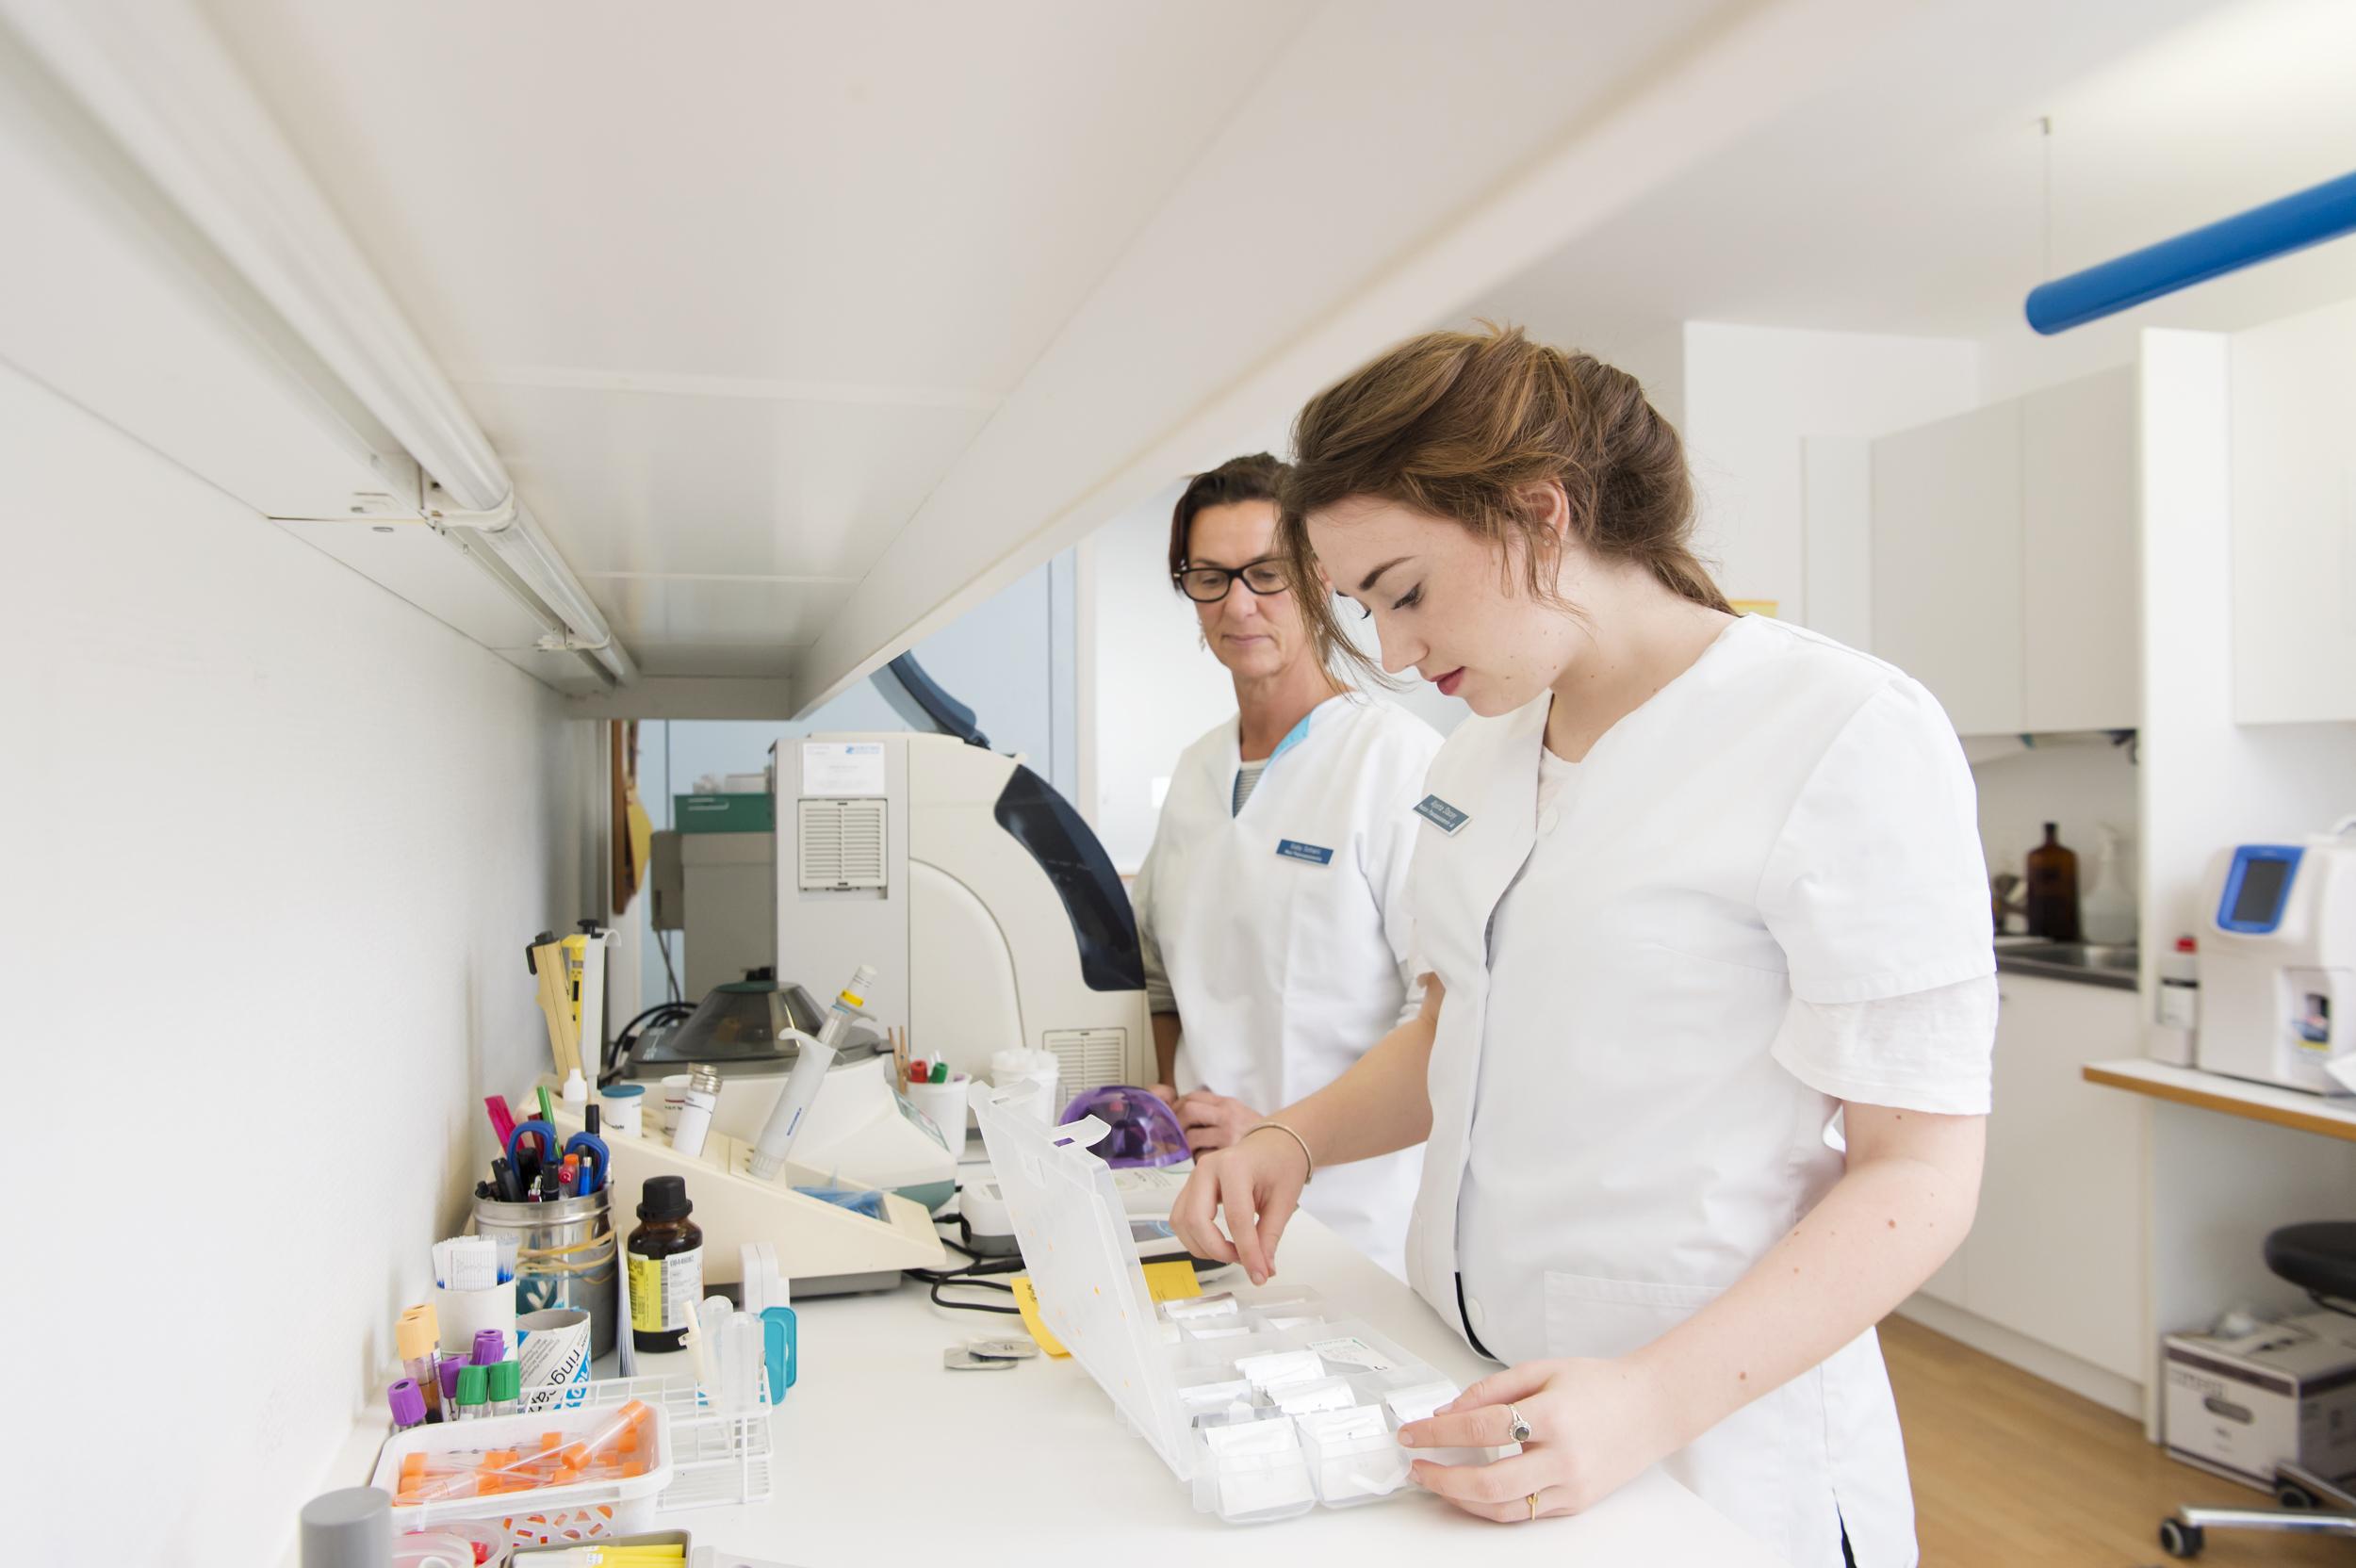 Zwei medizinische Praxisassistentinnen bei ihrer Arbeit im Labor.